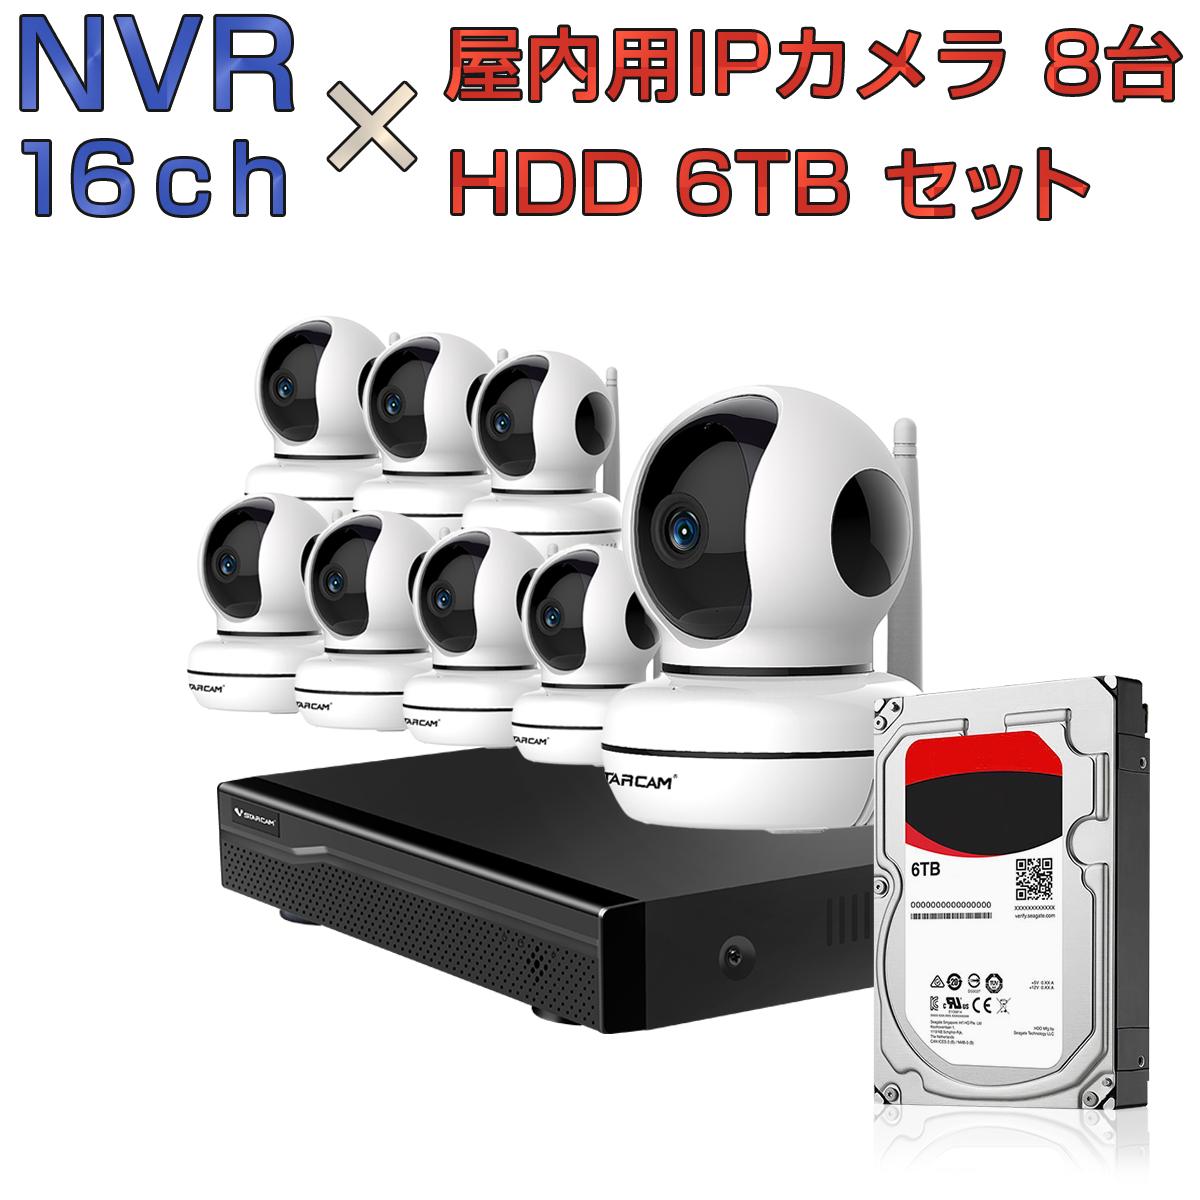 NVR ネットワークビデオレコーダー 16ch HDD6TB内蔵 C46S 2K 1080P 200万画素カメラ 8台セット IP ONVIF形式 スマホ対応 遠隔監視 1080P FHD 動体検知 同時出力 録音対応 H.265+ IPカメラレコーダー監視システム 宅配便送料無料 1年保証 K&M